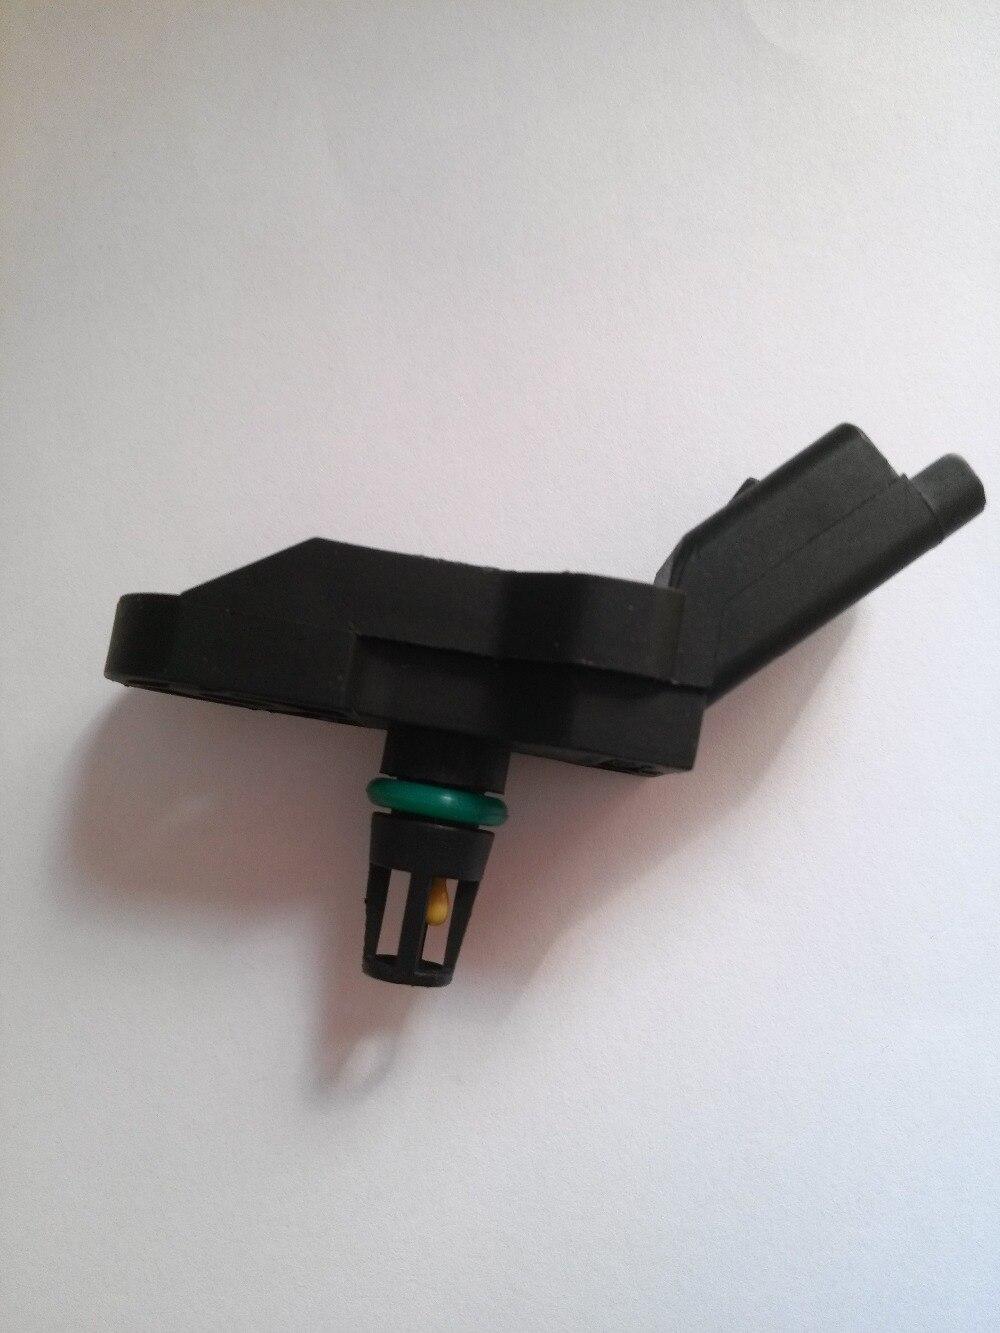 12 месяцев Qualiy гарантия Впускной датчик давления воздуха для Citroen Peugeot, Citroen 16 В oe 0261230043, 1920aj, 9639381480